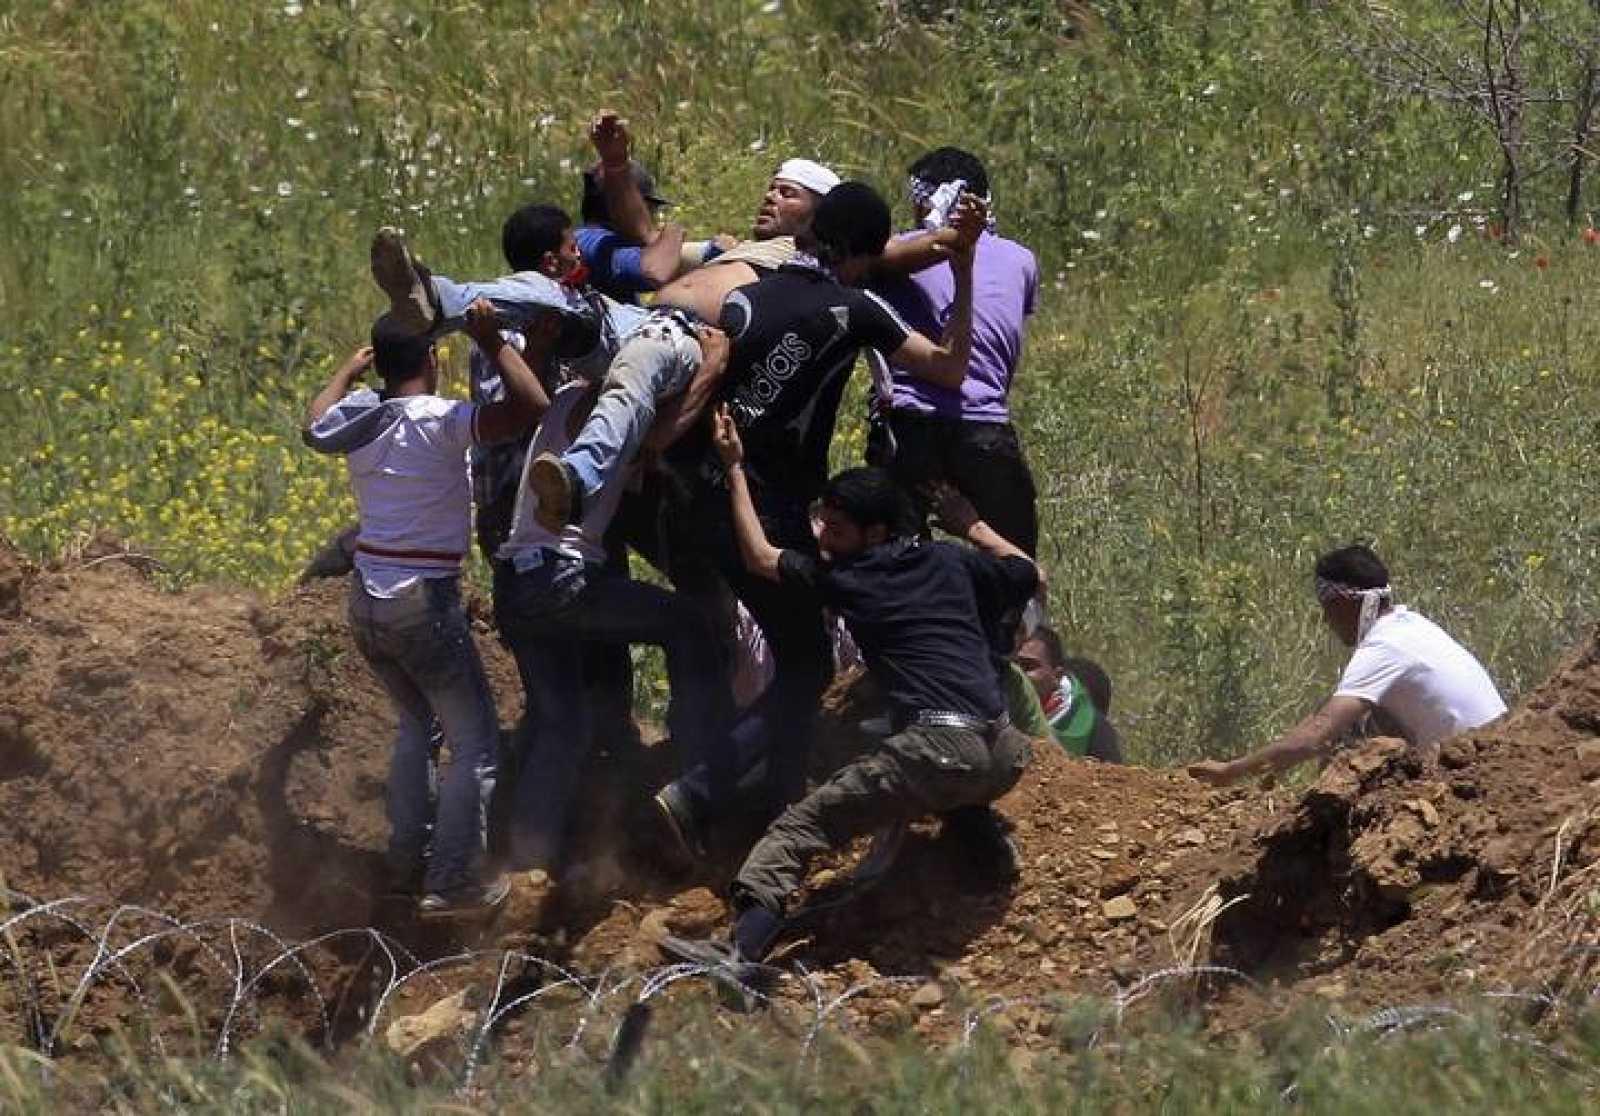 Un manifestante herido es llevado a la frontera para recibir ayuda.